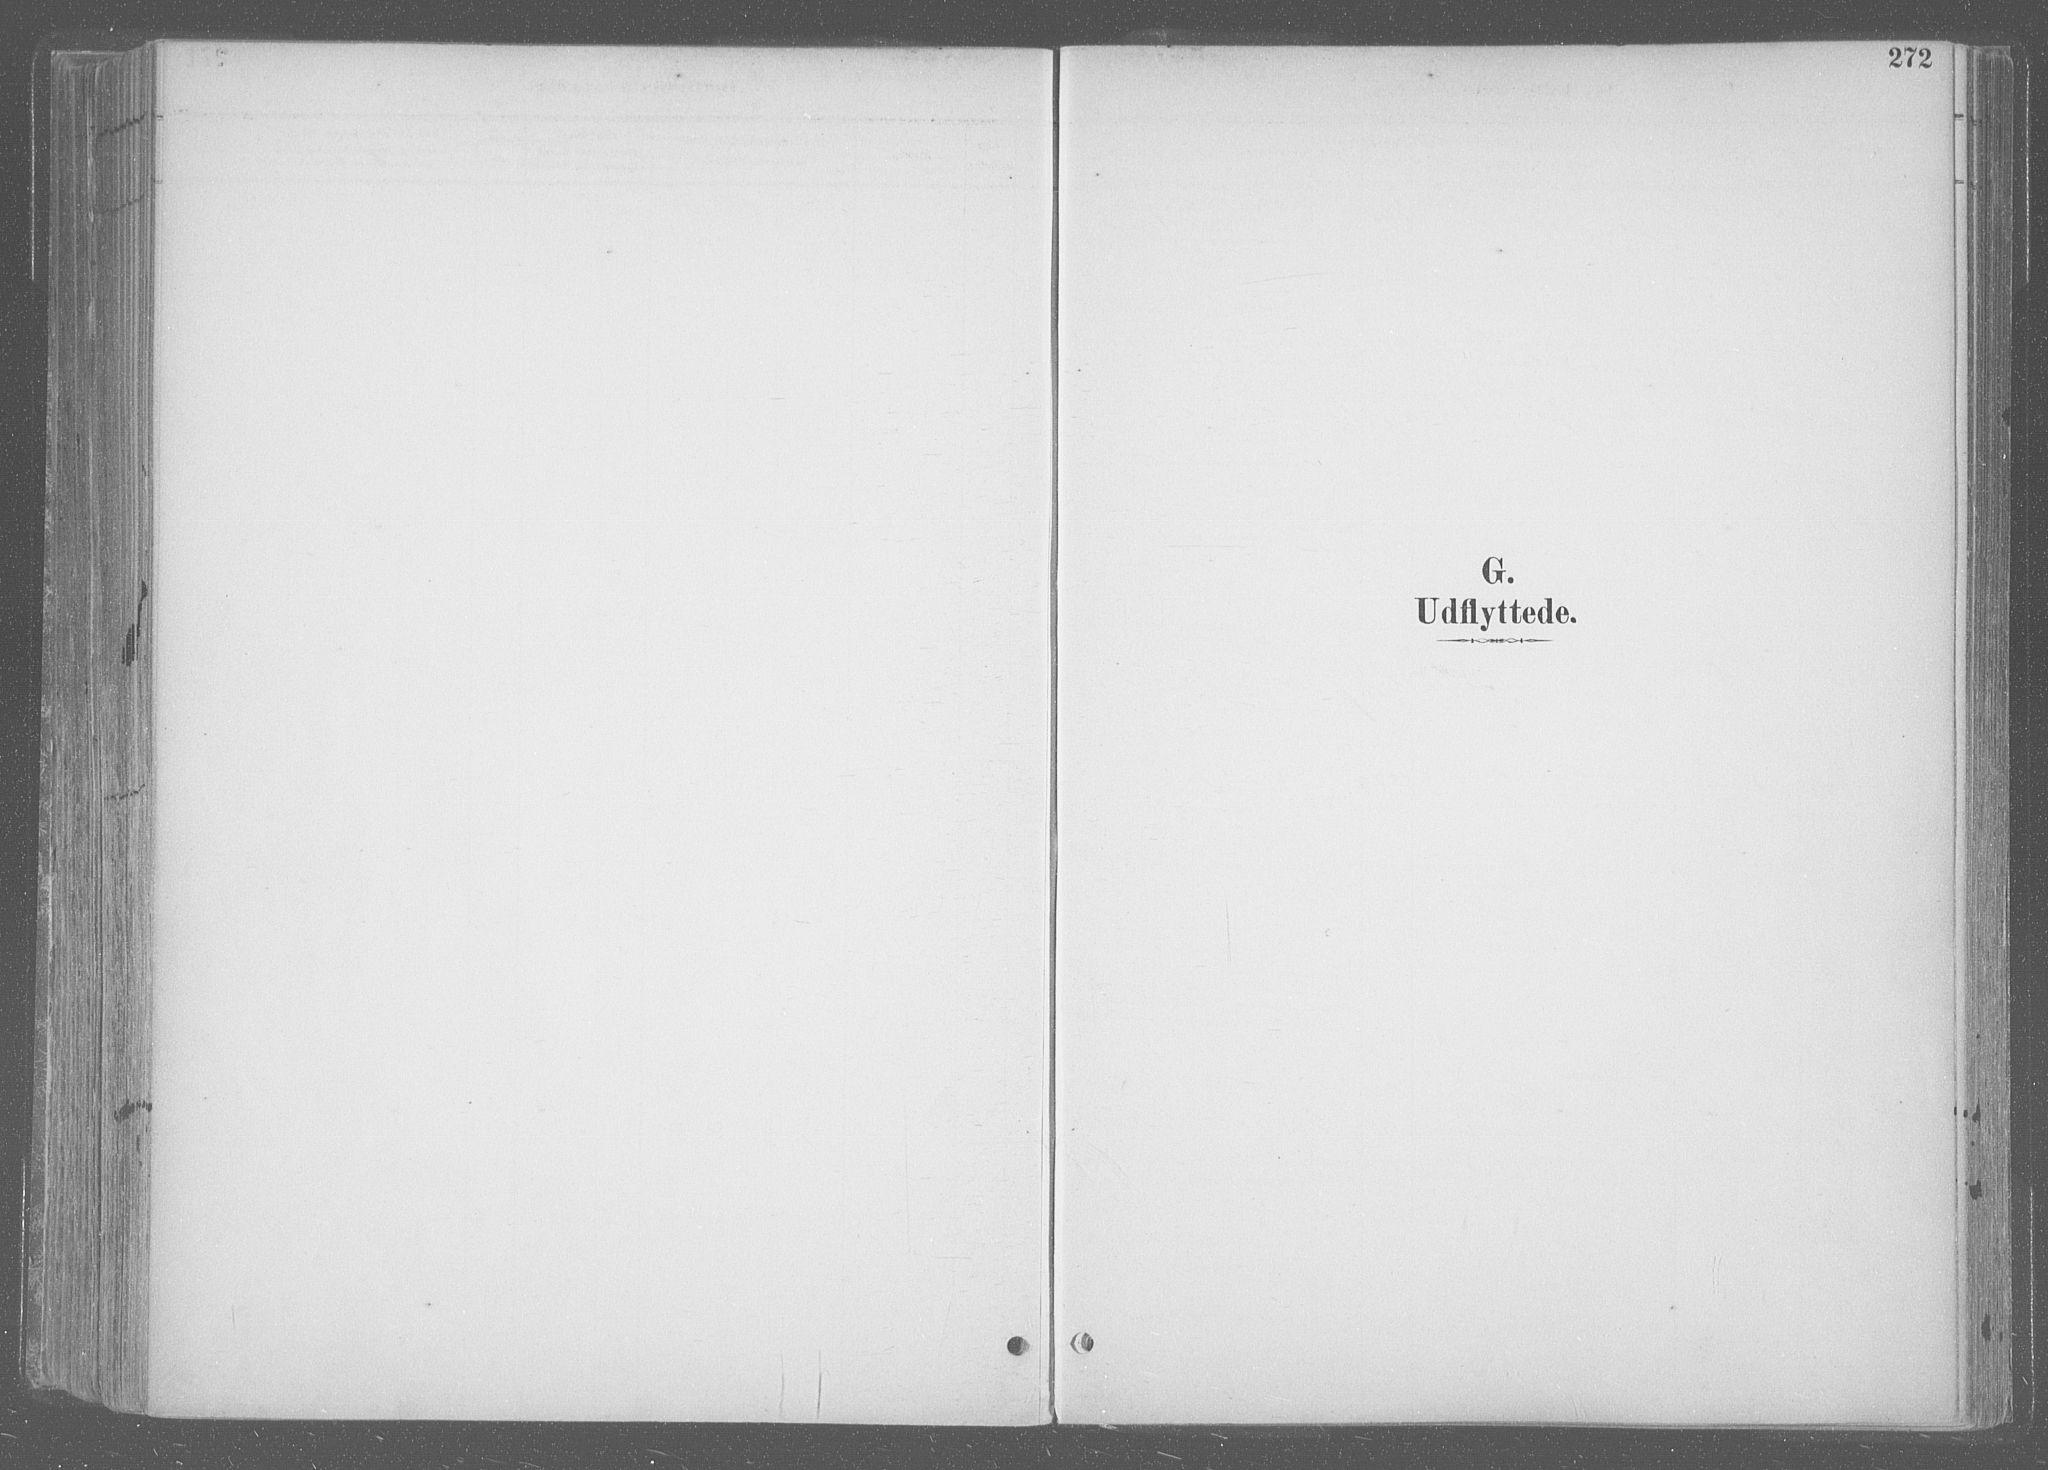 SAT, Ministerialprotokoller, klokkerbøker og fødselsregistre - Sør-Trøndelag, 601/L0064: Ministerialbok nr. 601A31, 1891-1911, s. 272